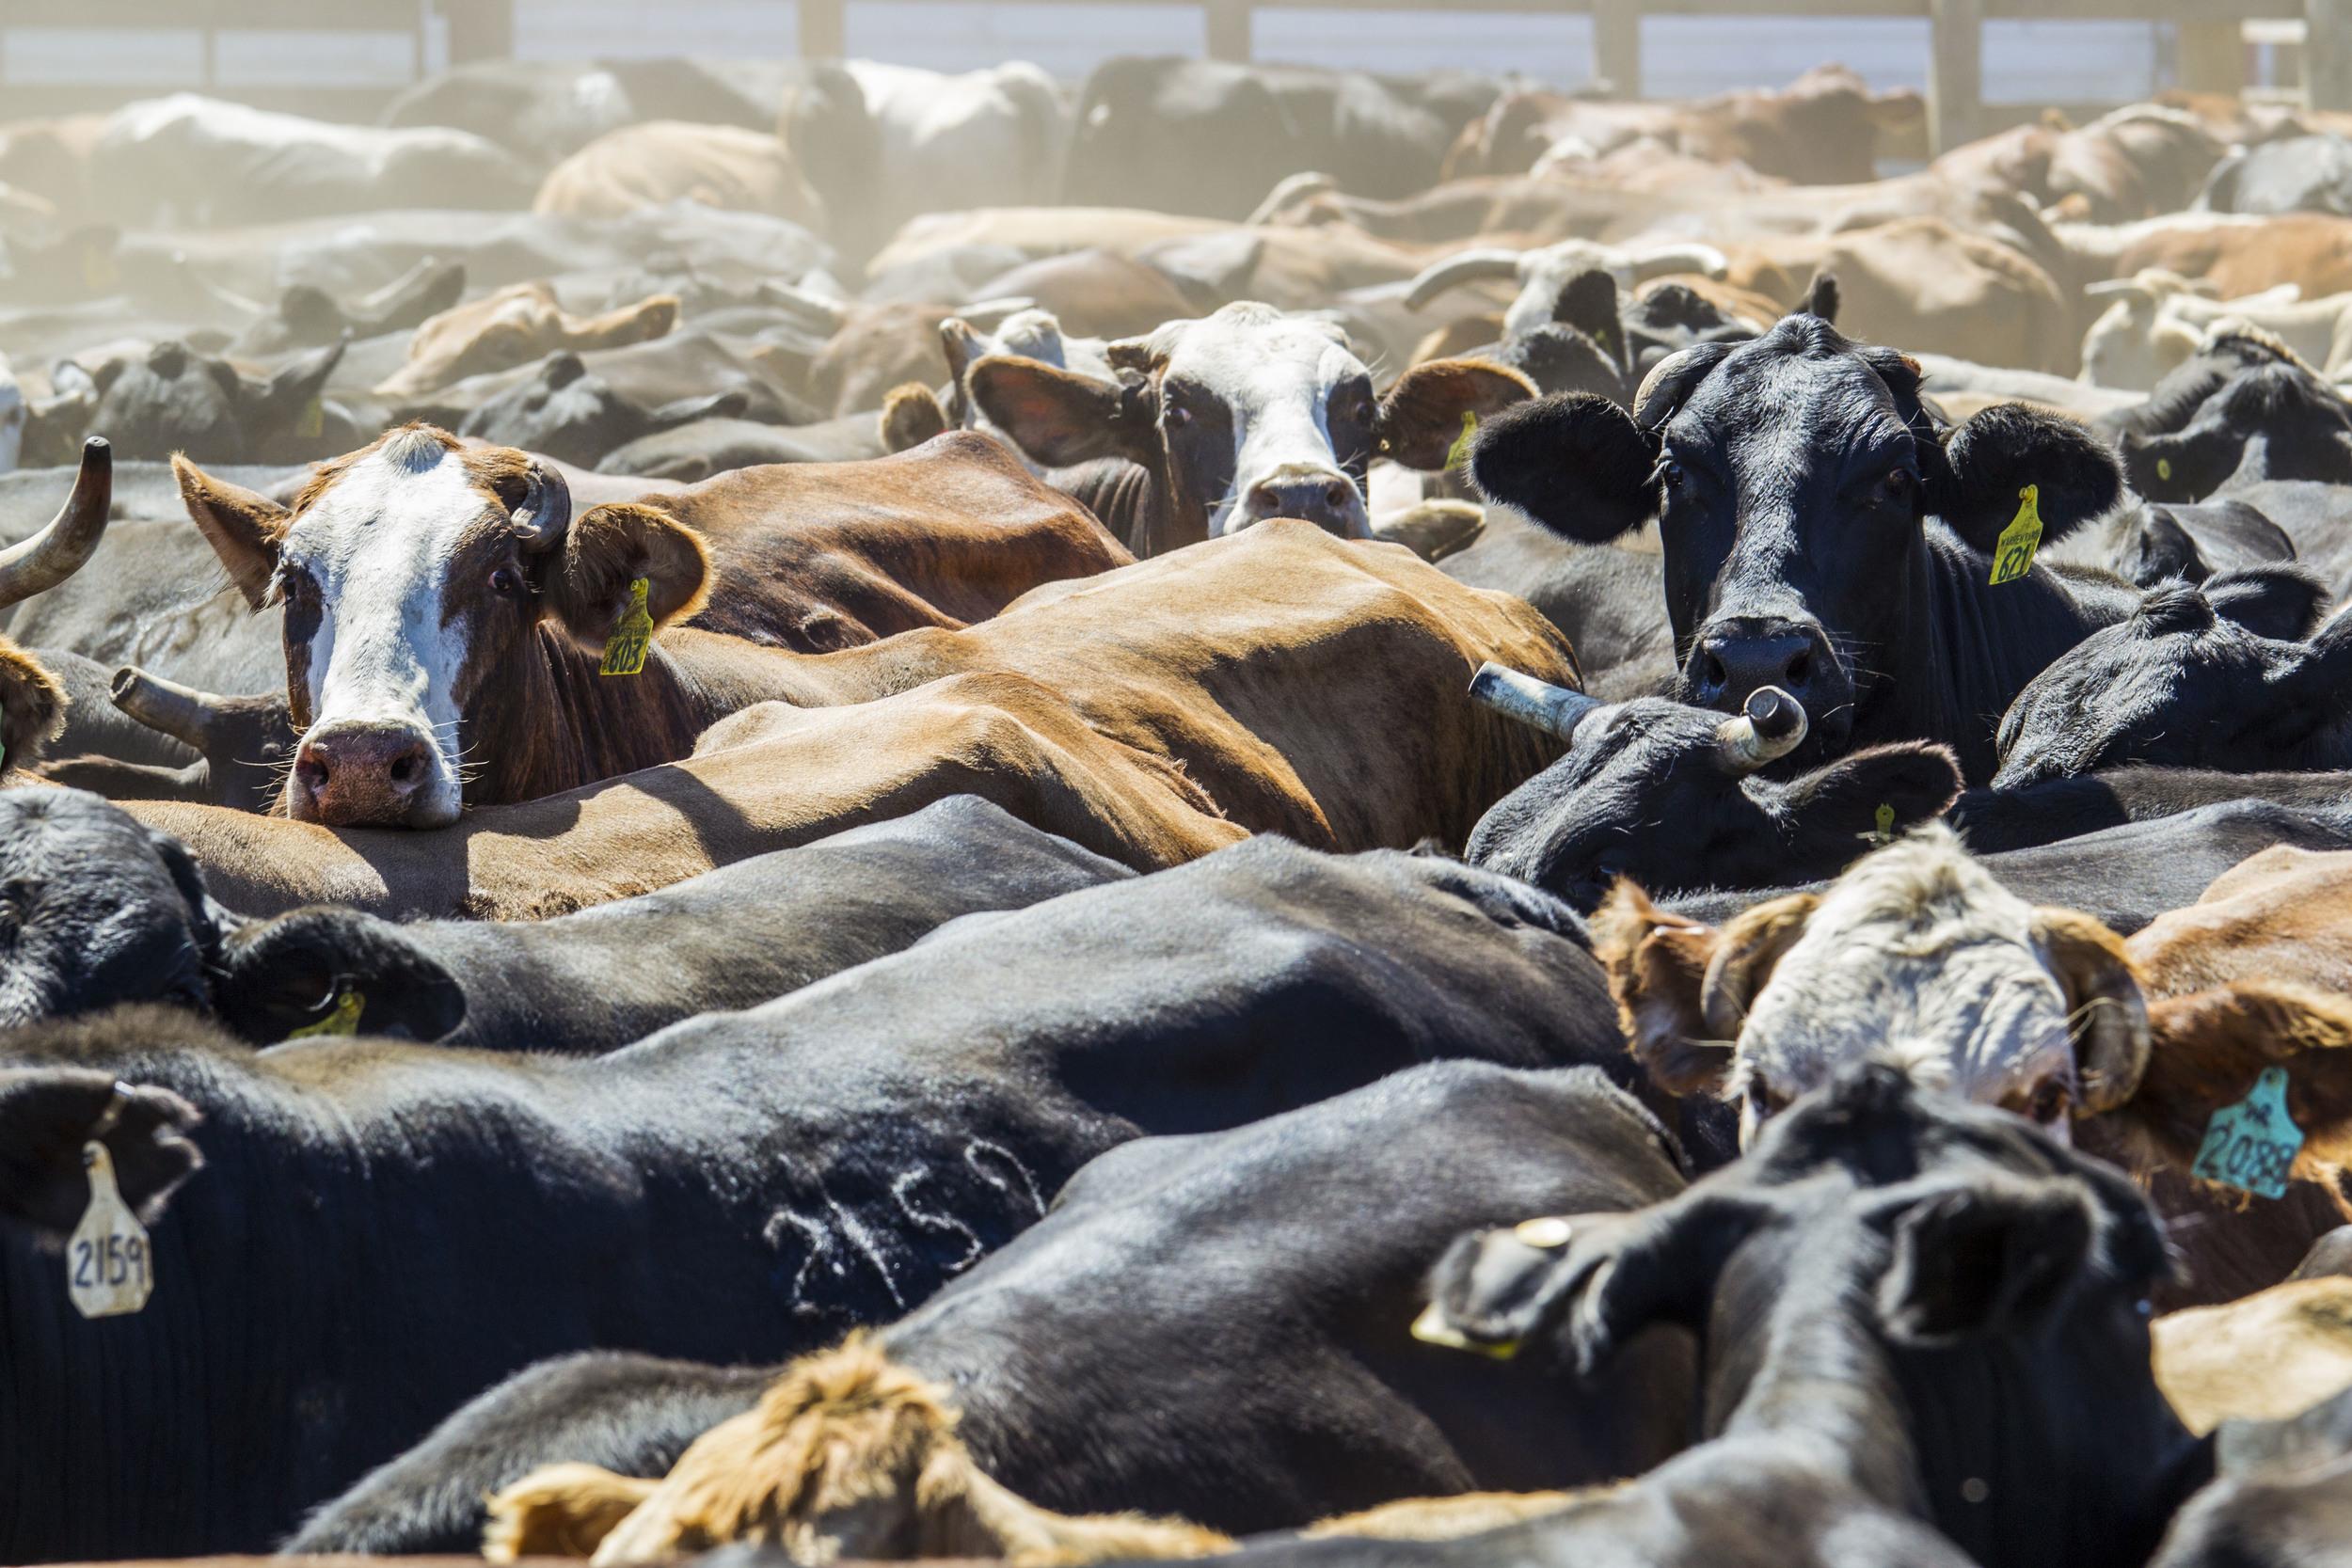 Cattle in Pen KAC5508.jpg